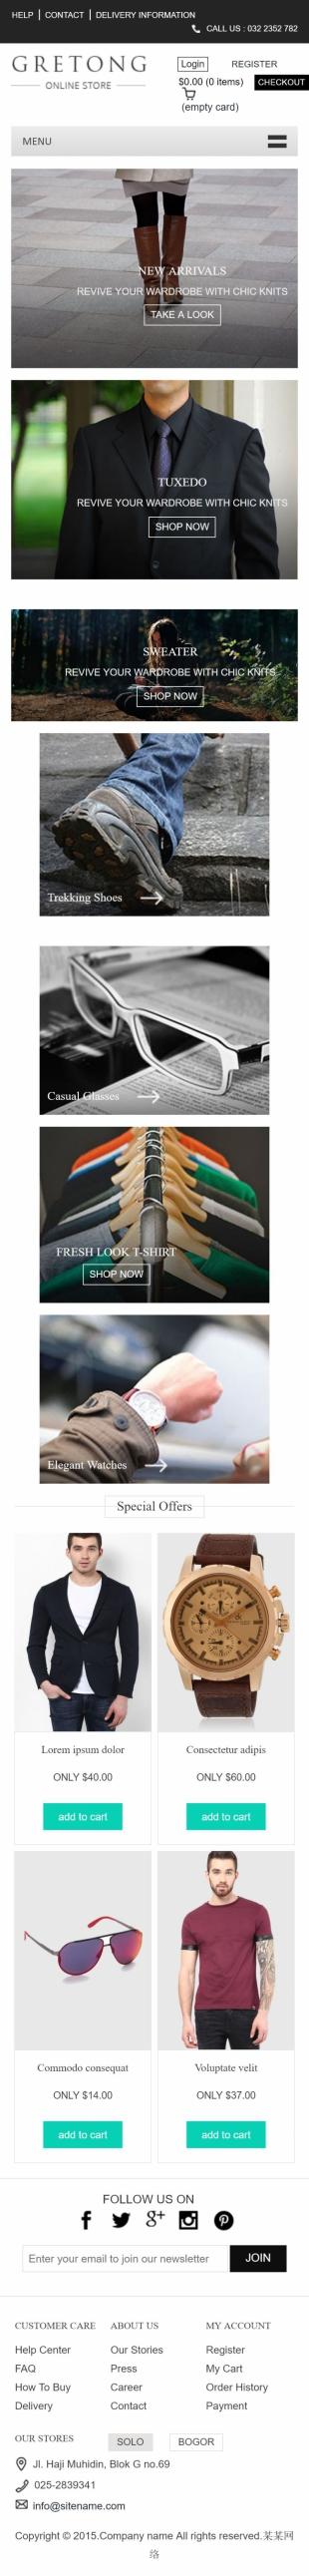 综合类购物商城网站英文模板网站建设手机图片